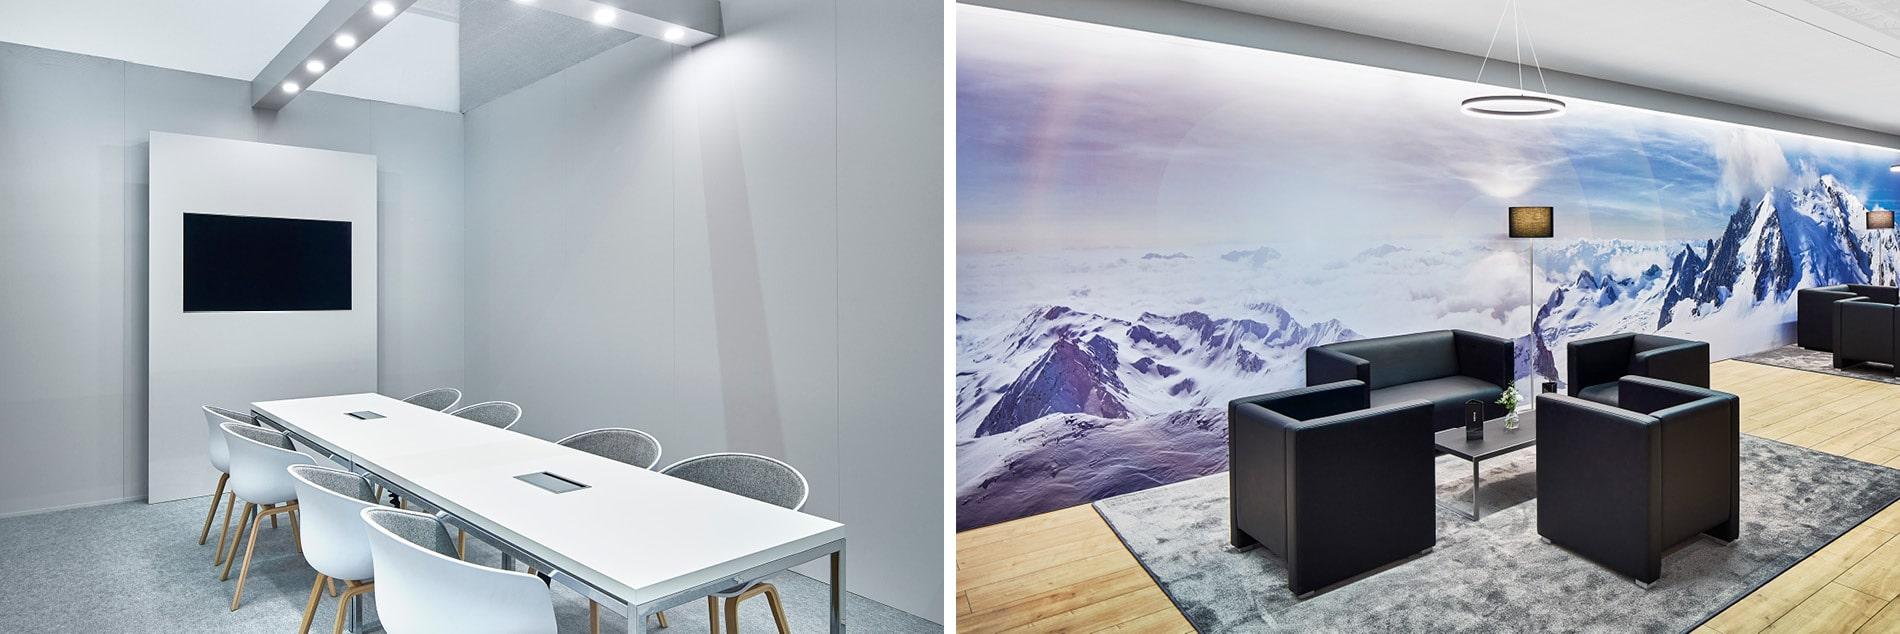 Innenarchitektur für Besprechungsraum und Lounge